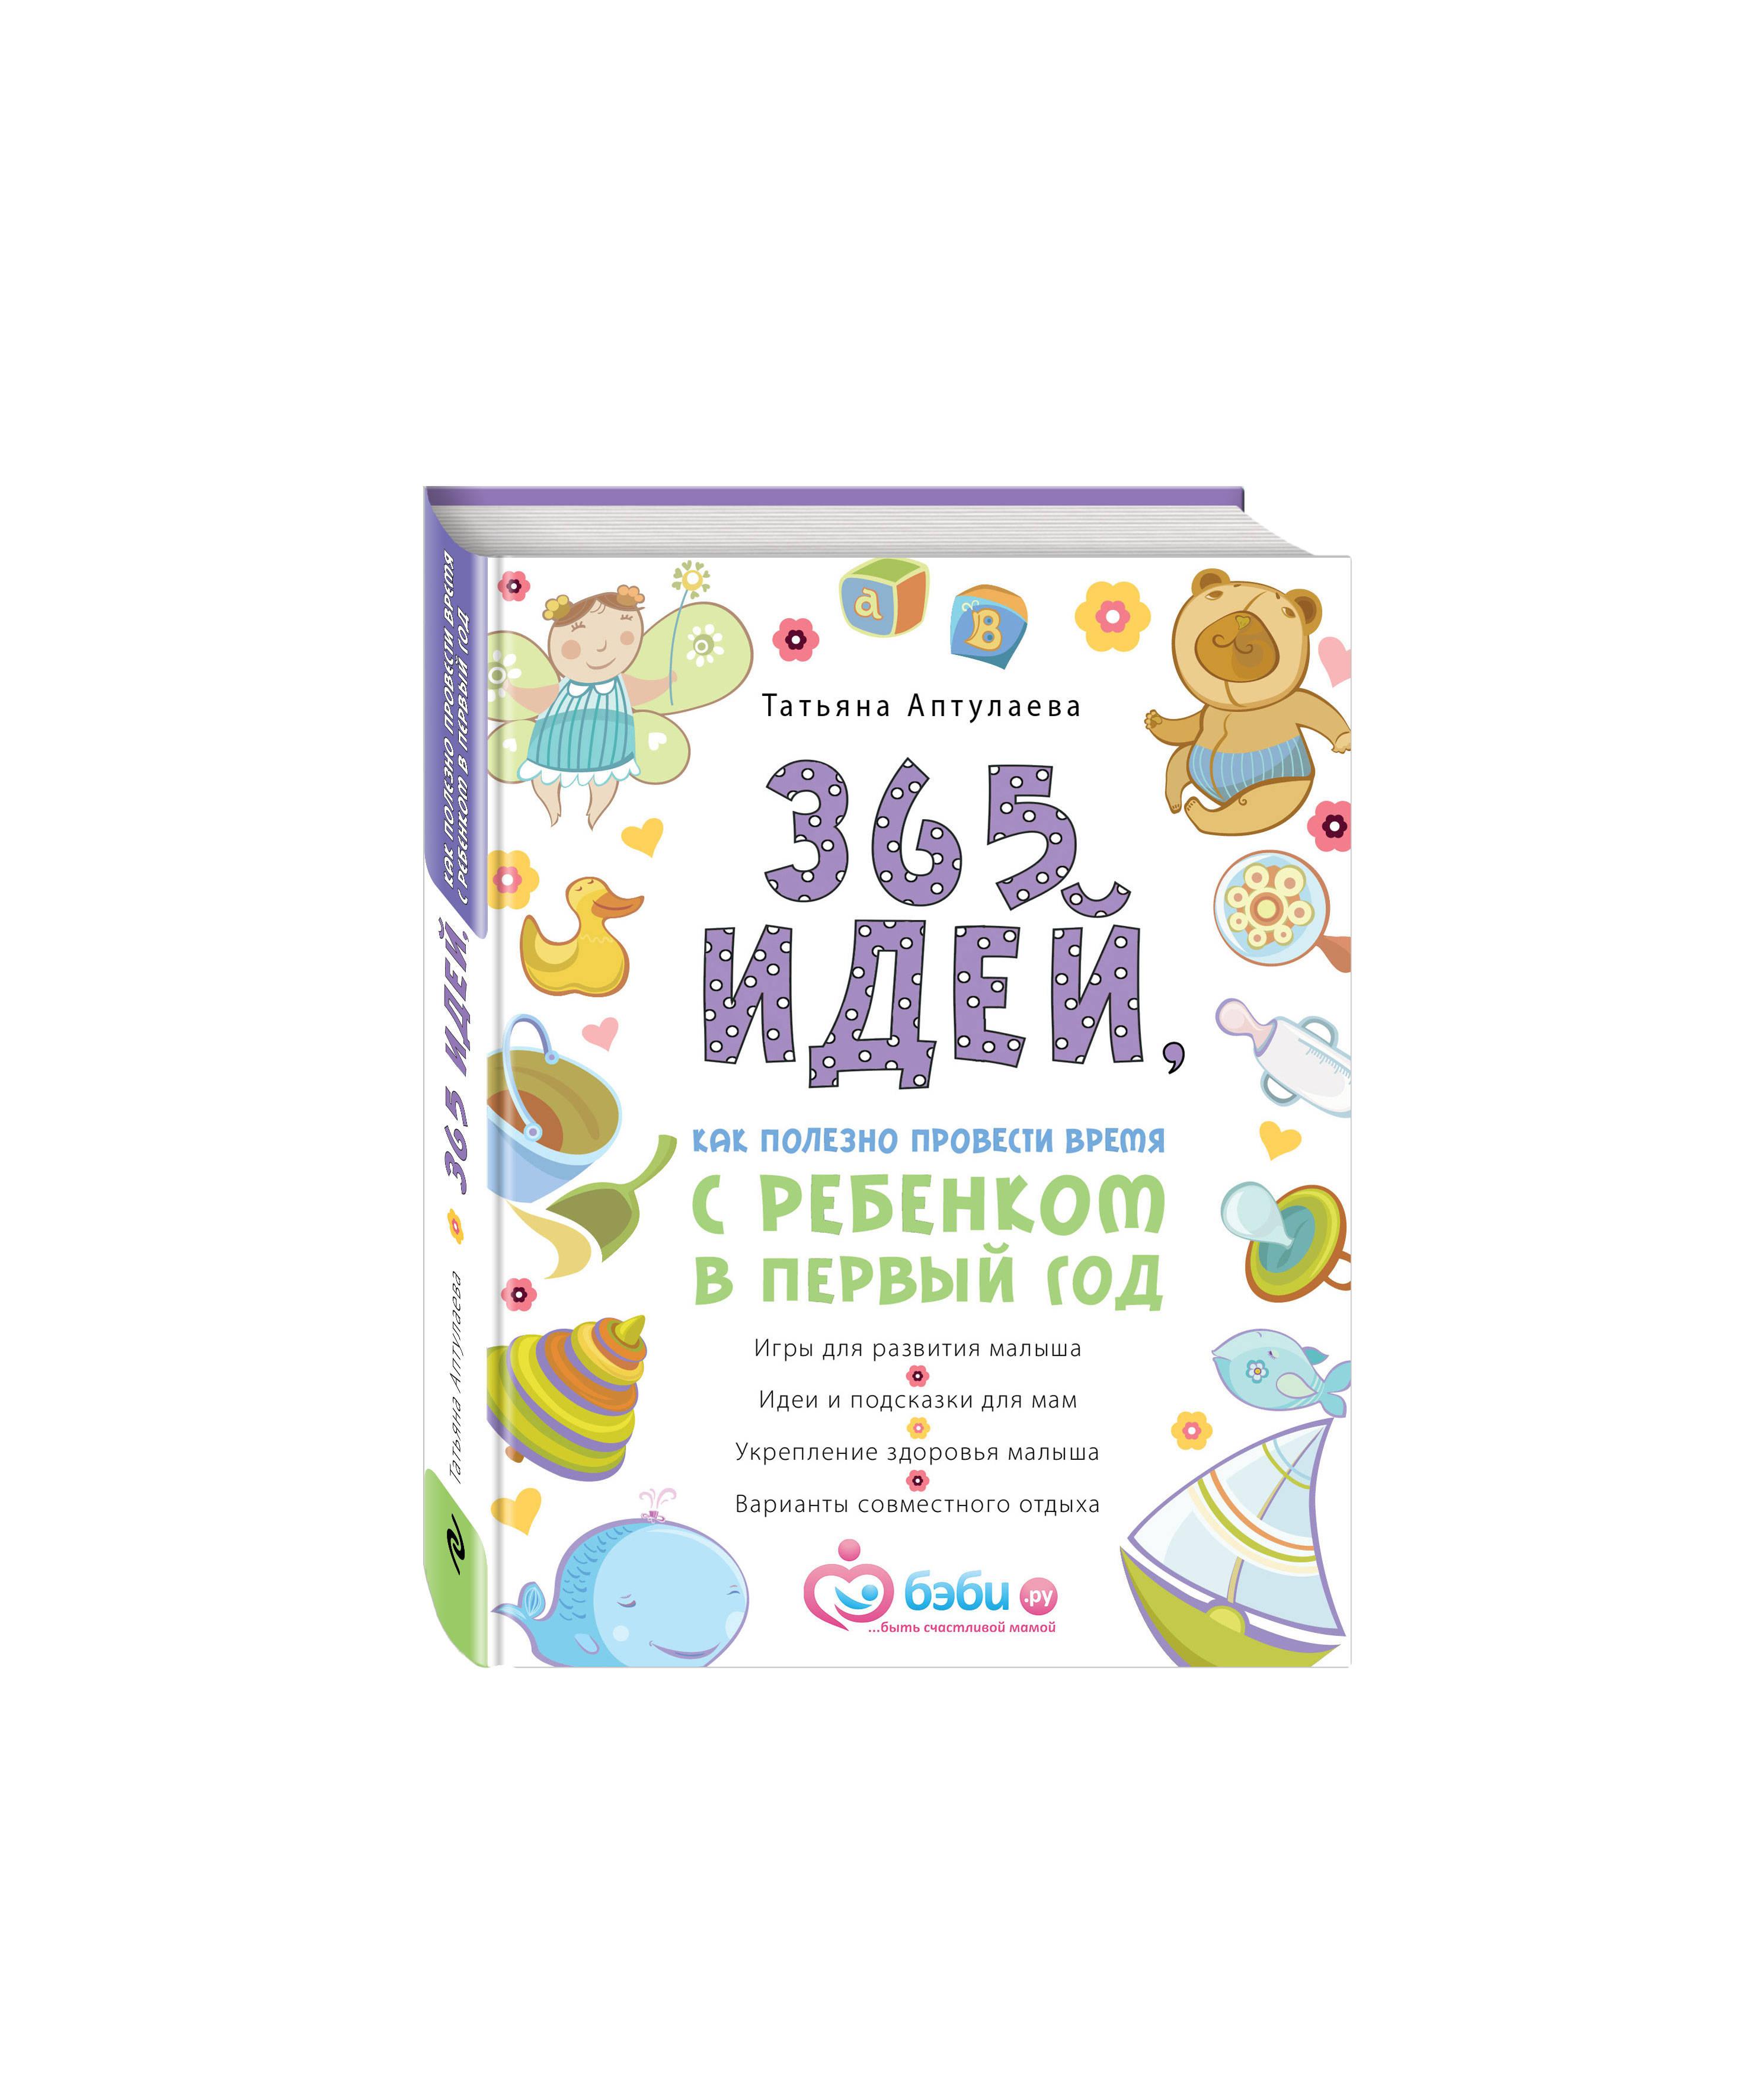 365 идей как полезно провести время с ребенком в первый год